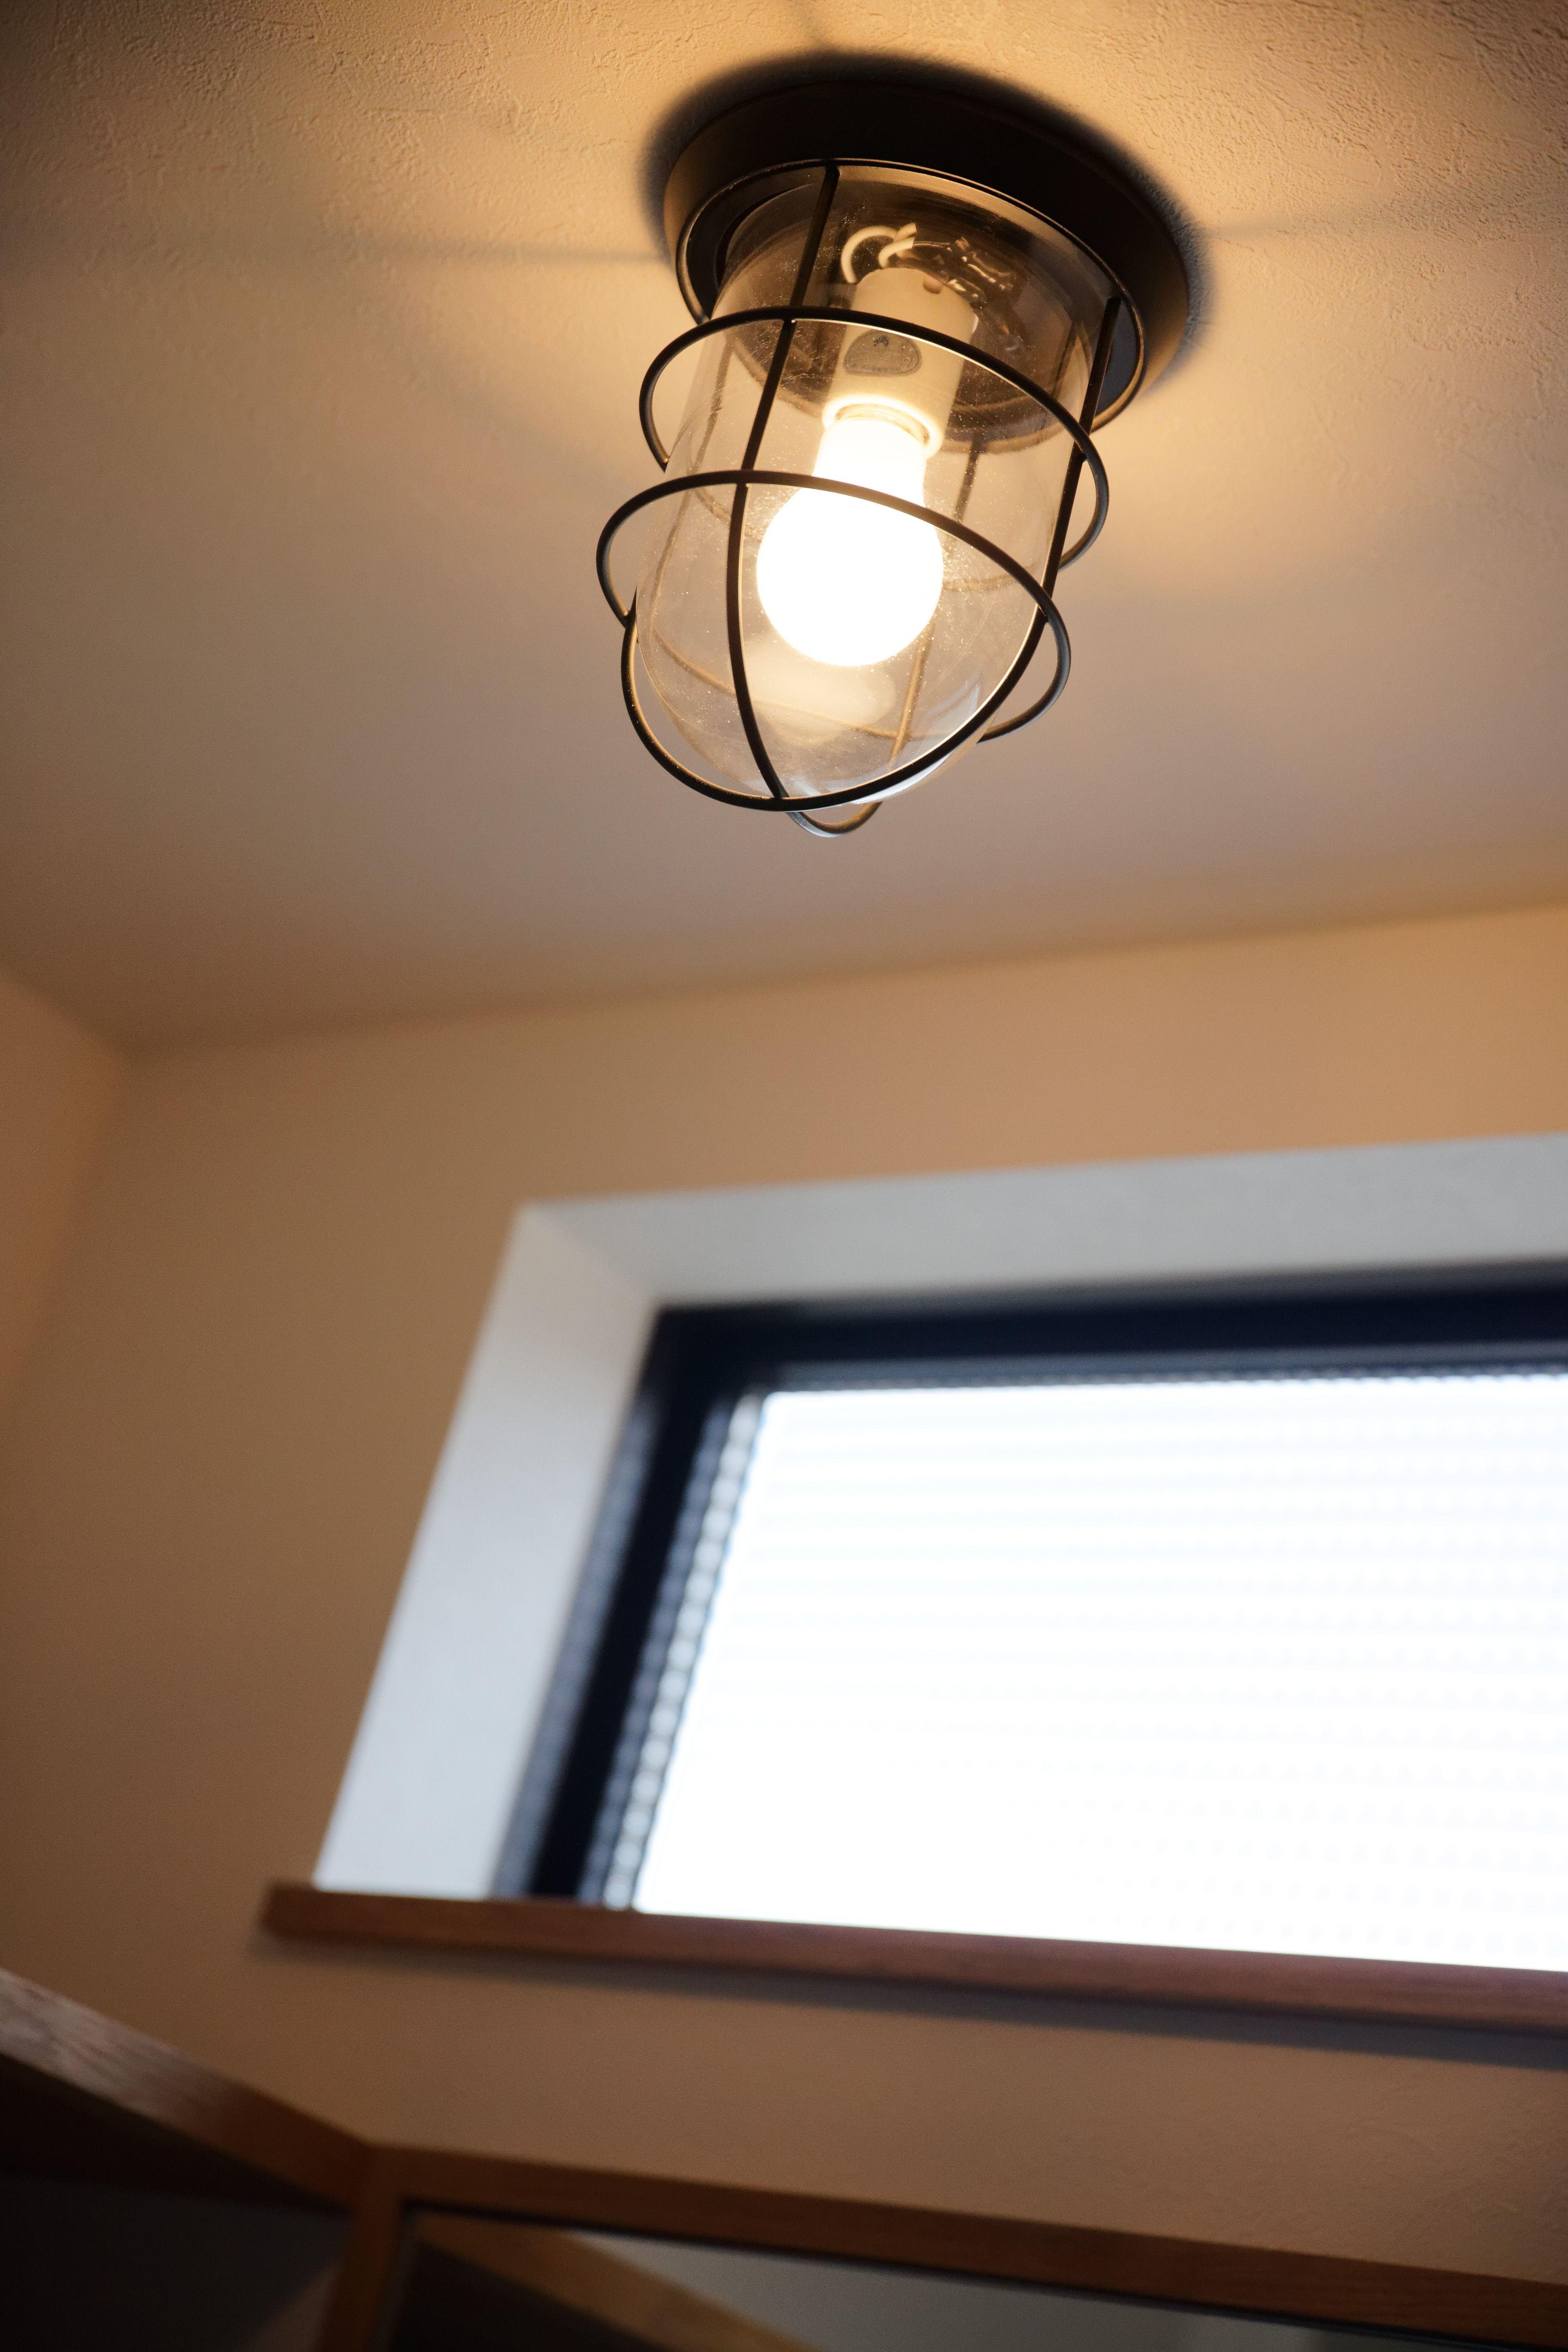 風景と暮らす カウンターキッチンのある家 ゼストの写真集 倉敷市 注文住宅 工務店 ランプのデザイン 天井照明 照明